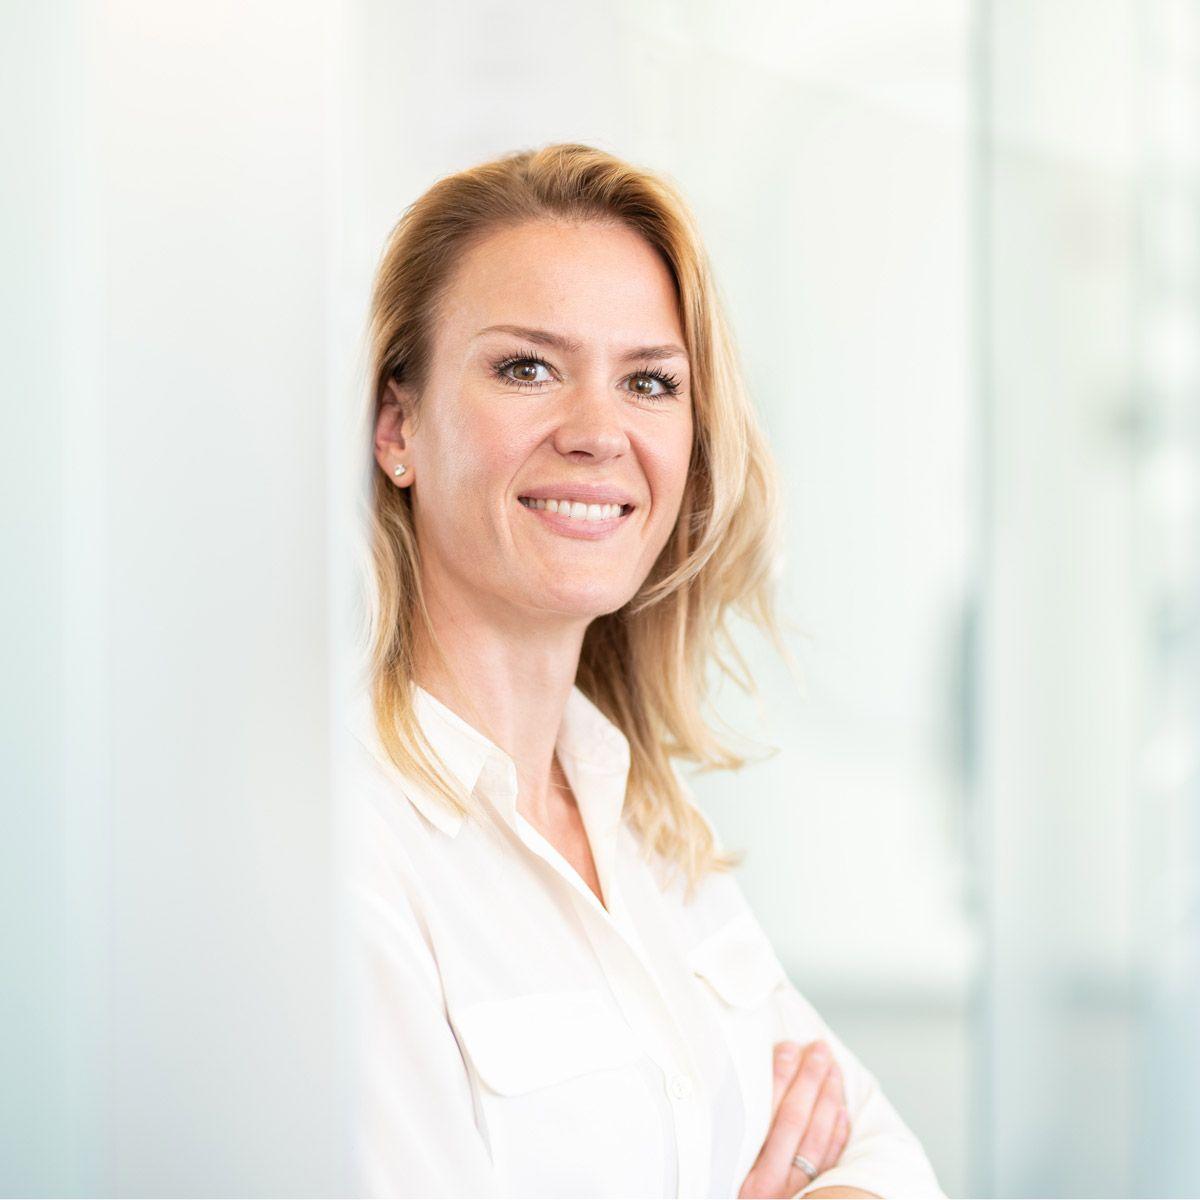 Zahnärztin Anne-Sofie-Hohl Implantologie und aesthetische Zahnmedizin